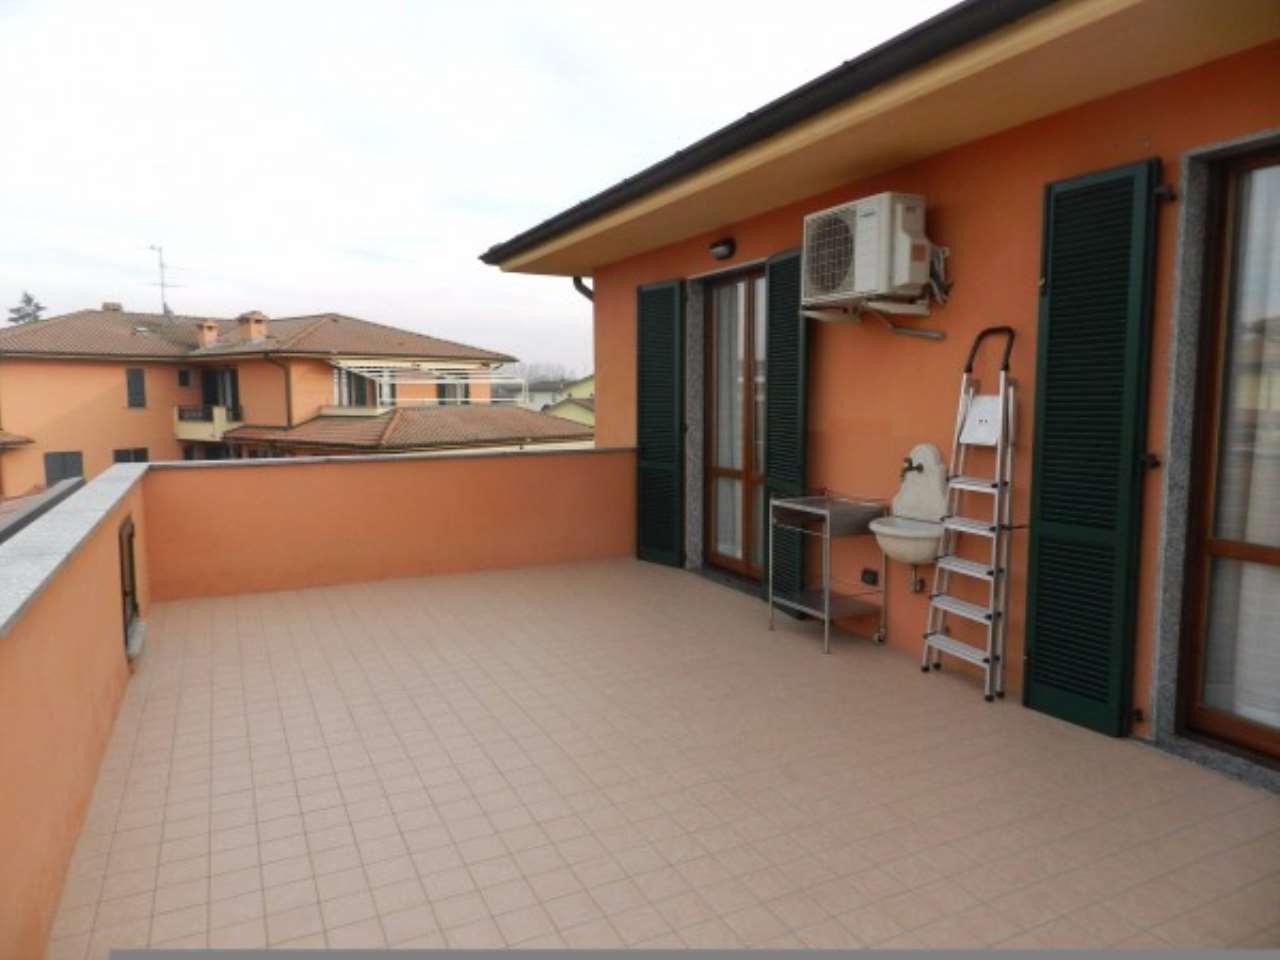 Appartamento in vendita a Giussago, 2 locali, prezzo € 118.000 | Cambio Casa.it